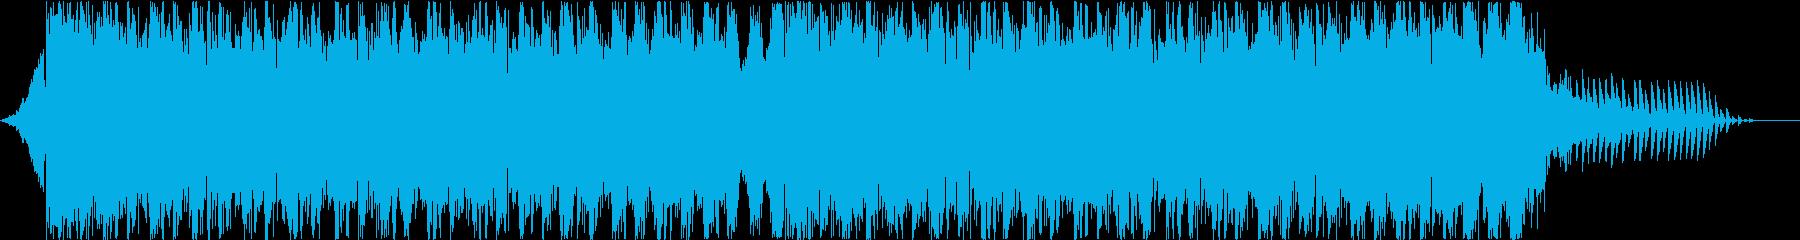 ついついアガるEDM_BGM!!の再生済みの波形